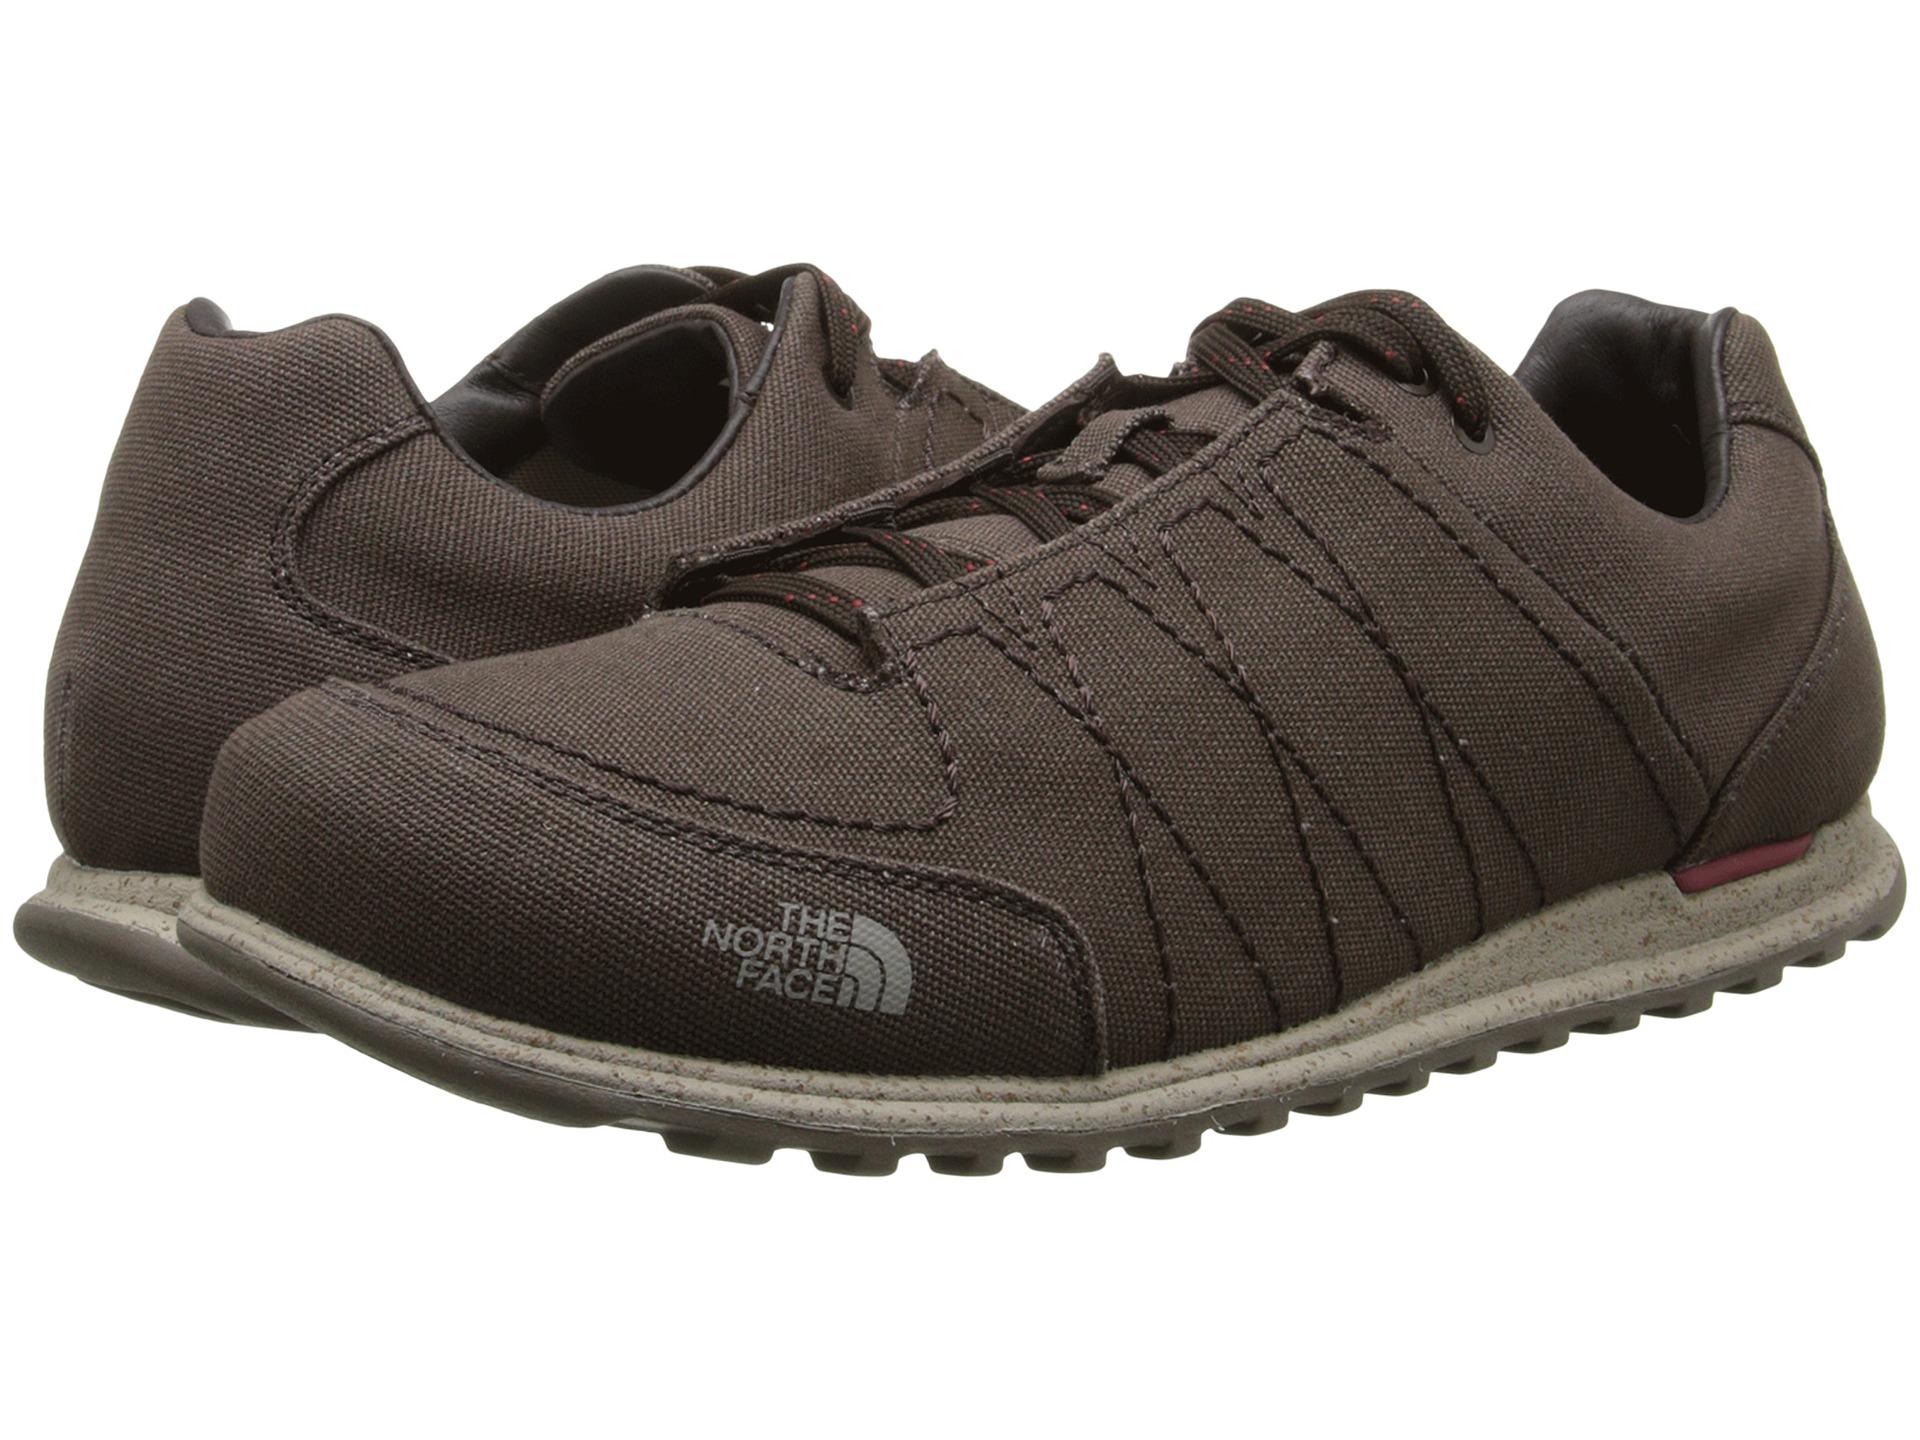 north face canvas shoes coupon 978e7 71d6a